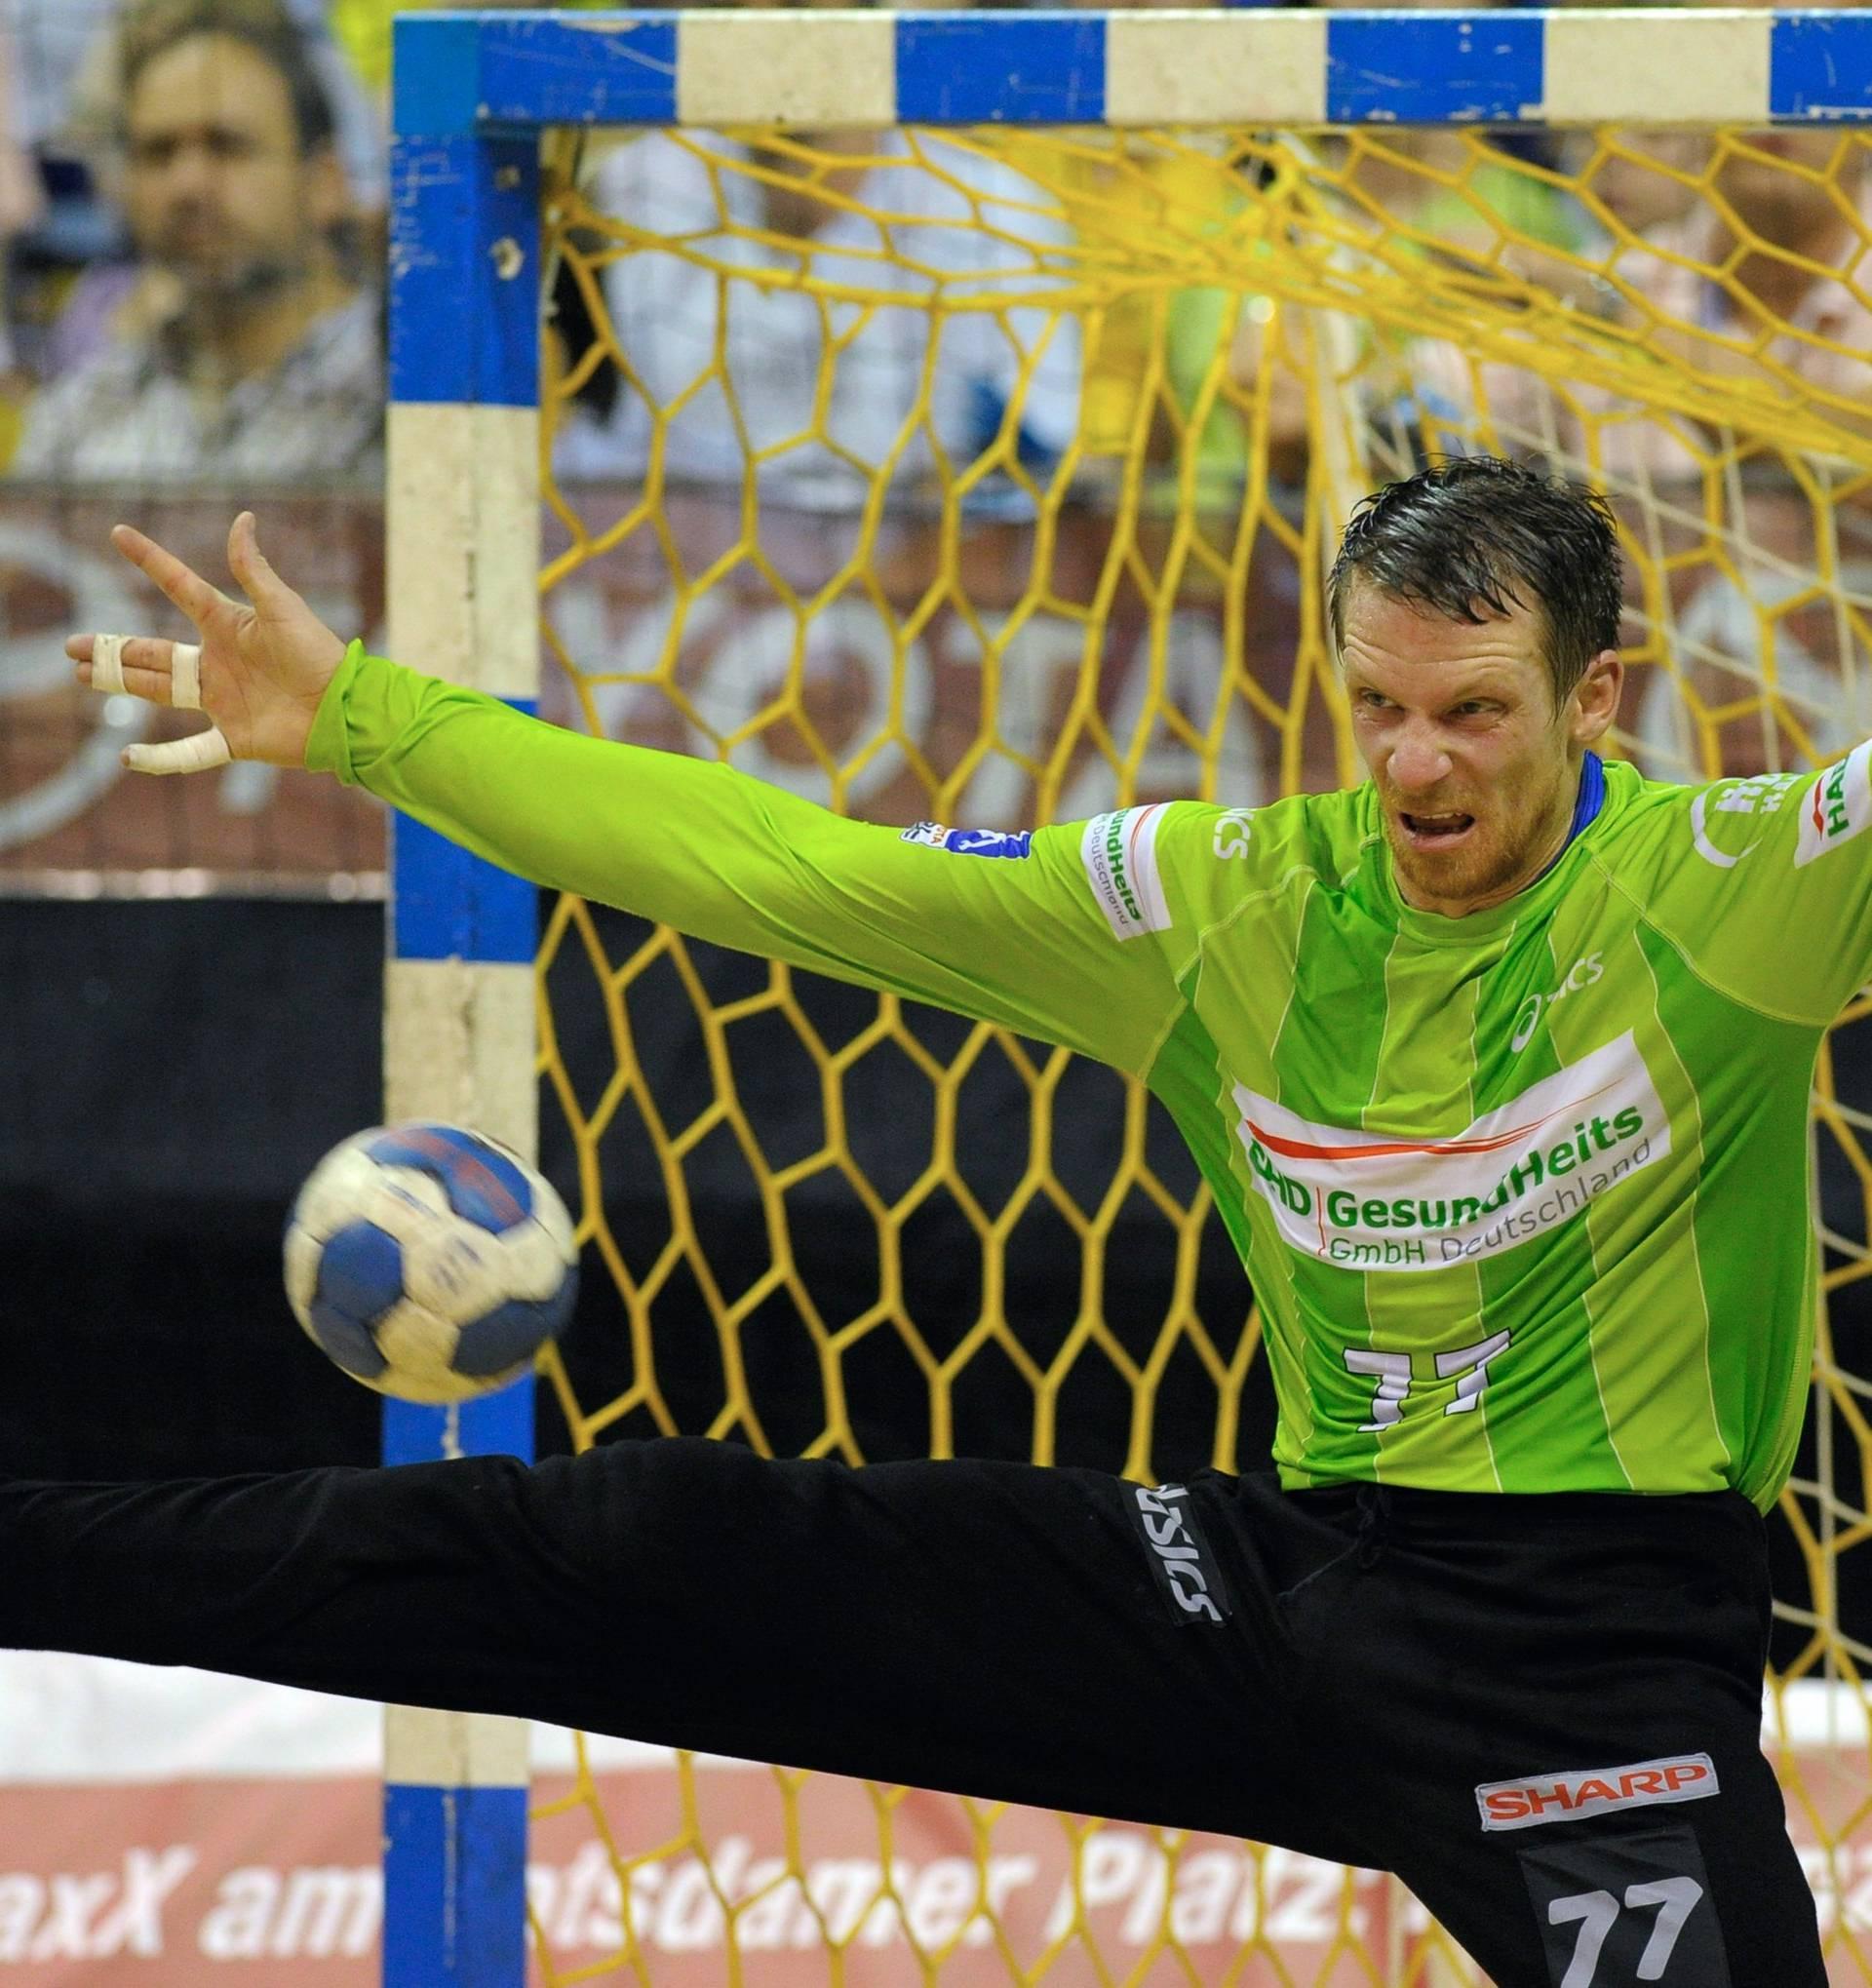 Handball - Fuechse Berlin vs. HSV Hamburg 26:25